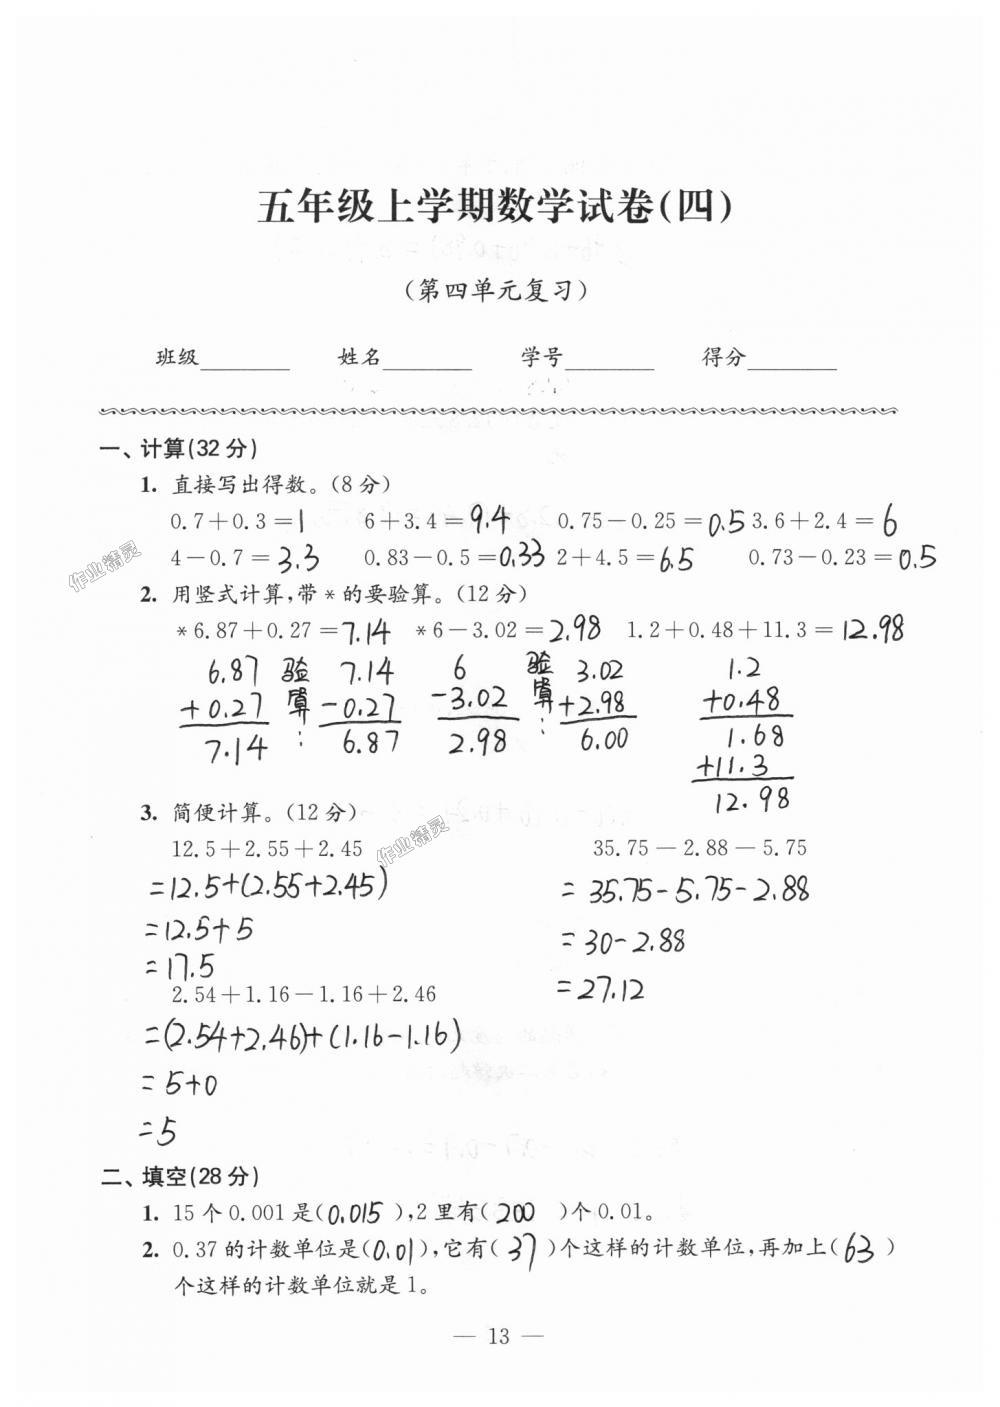 2018年练习与测试检测卷五年级数学上册苏教版第13页